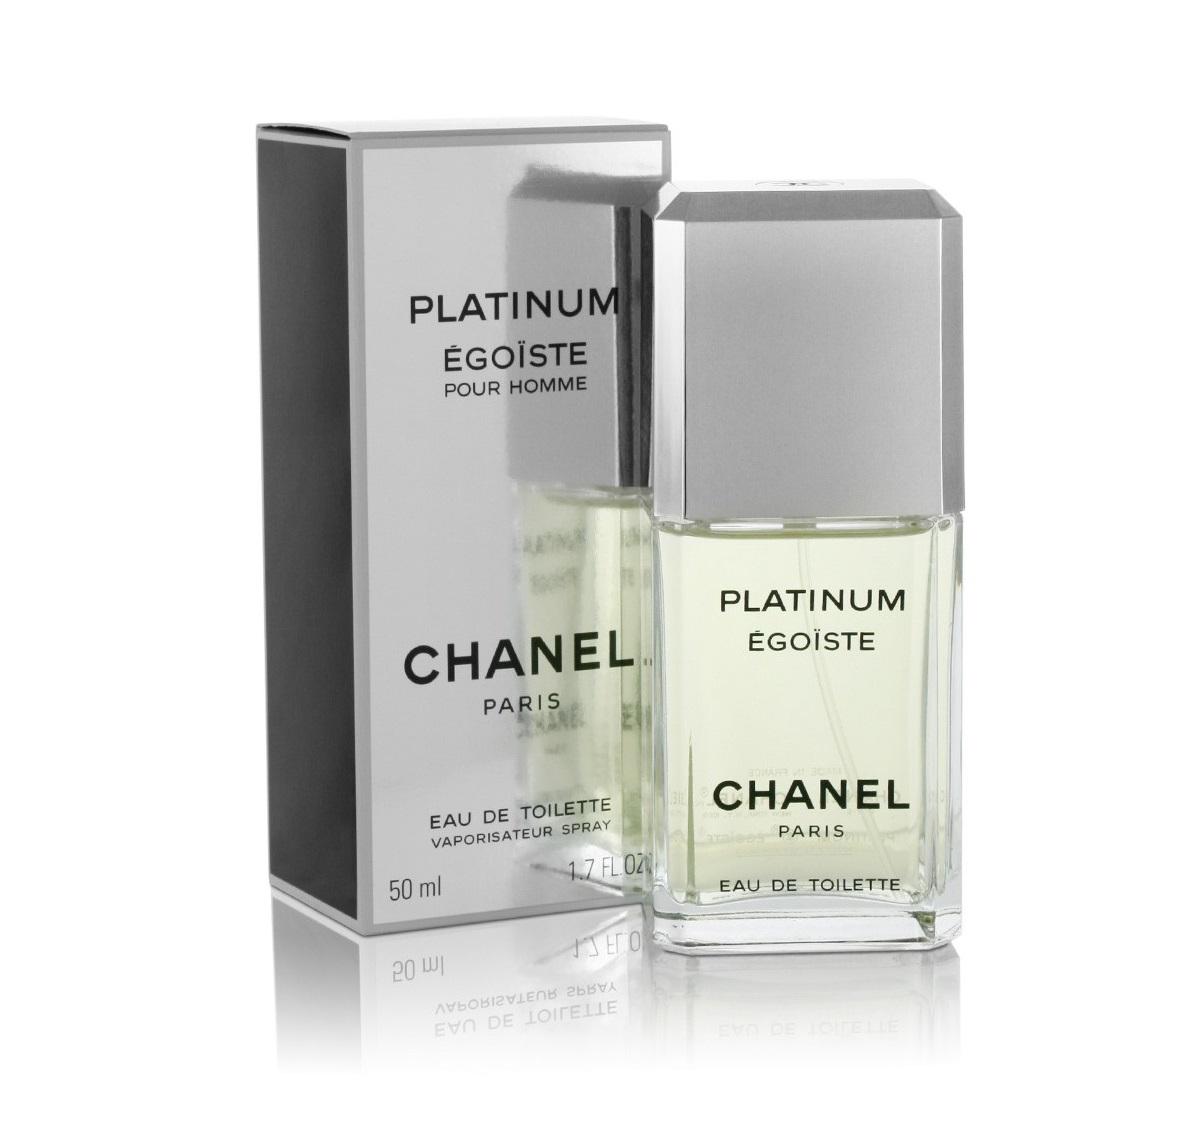 0a076de896c Chanel Egoist Platinum Eau de Toilette for Men